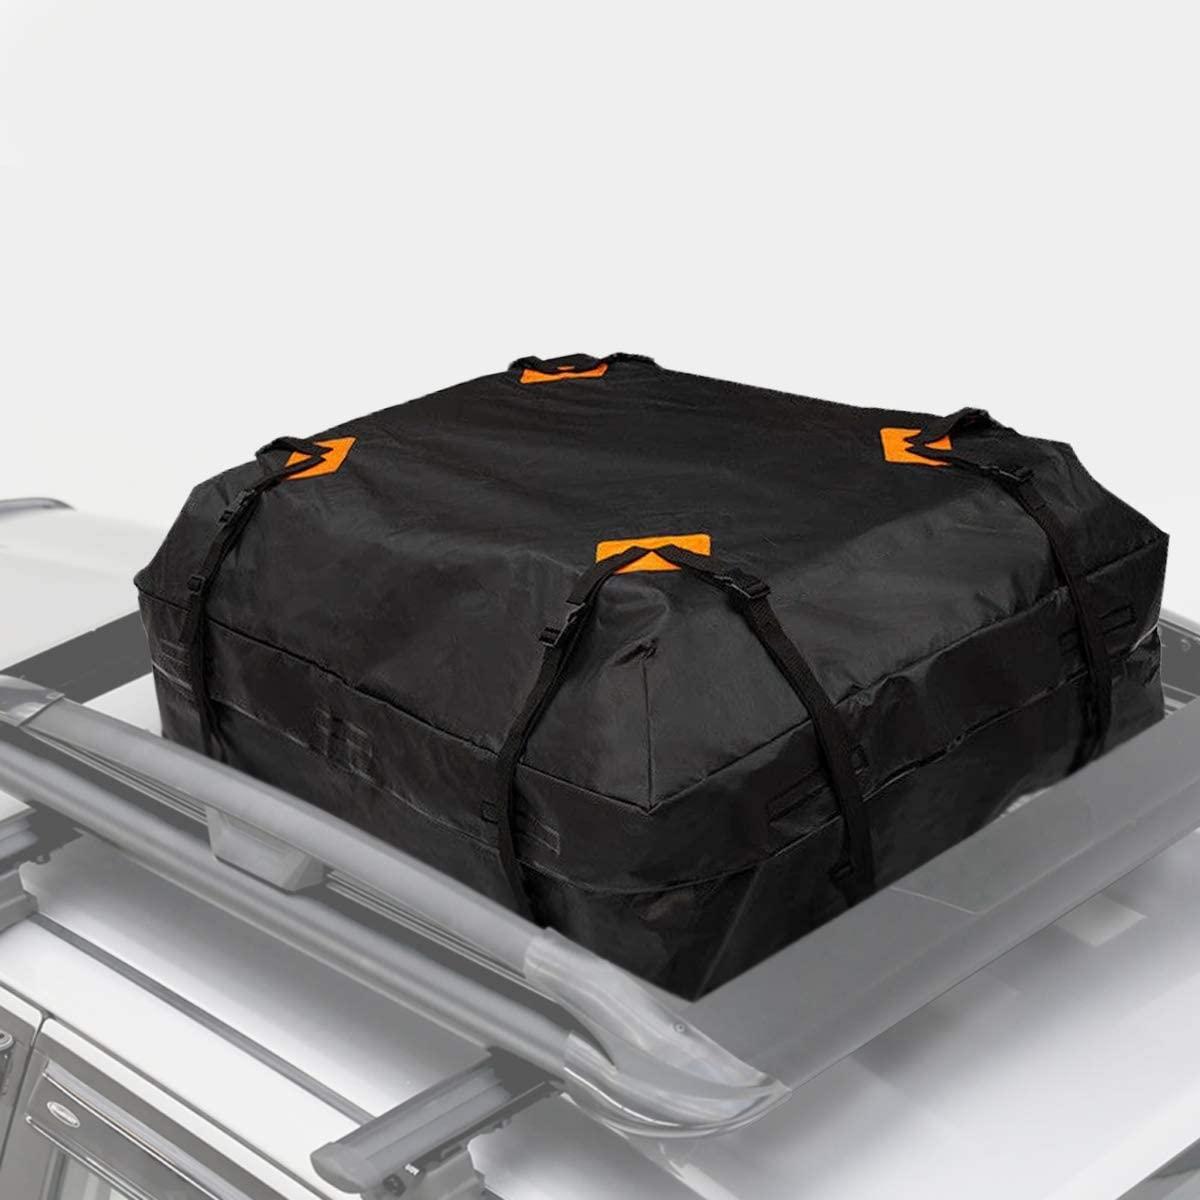 VaygWay Rooftop Waterproof Cargo Bags